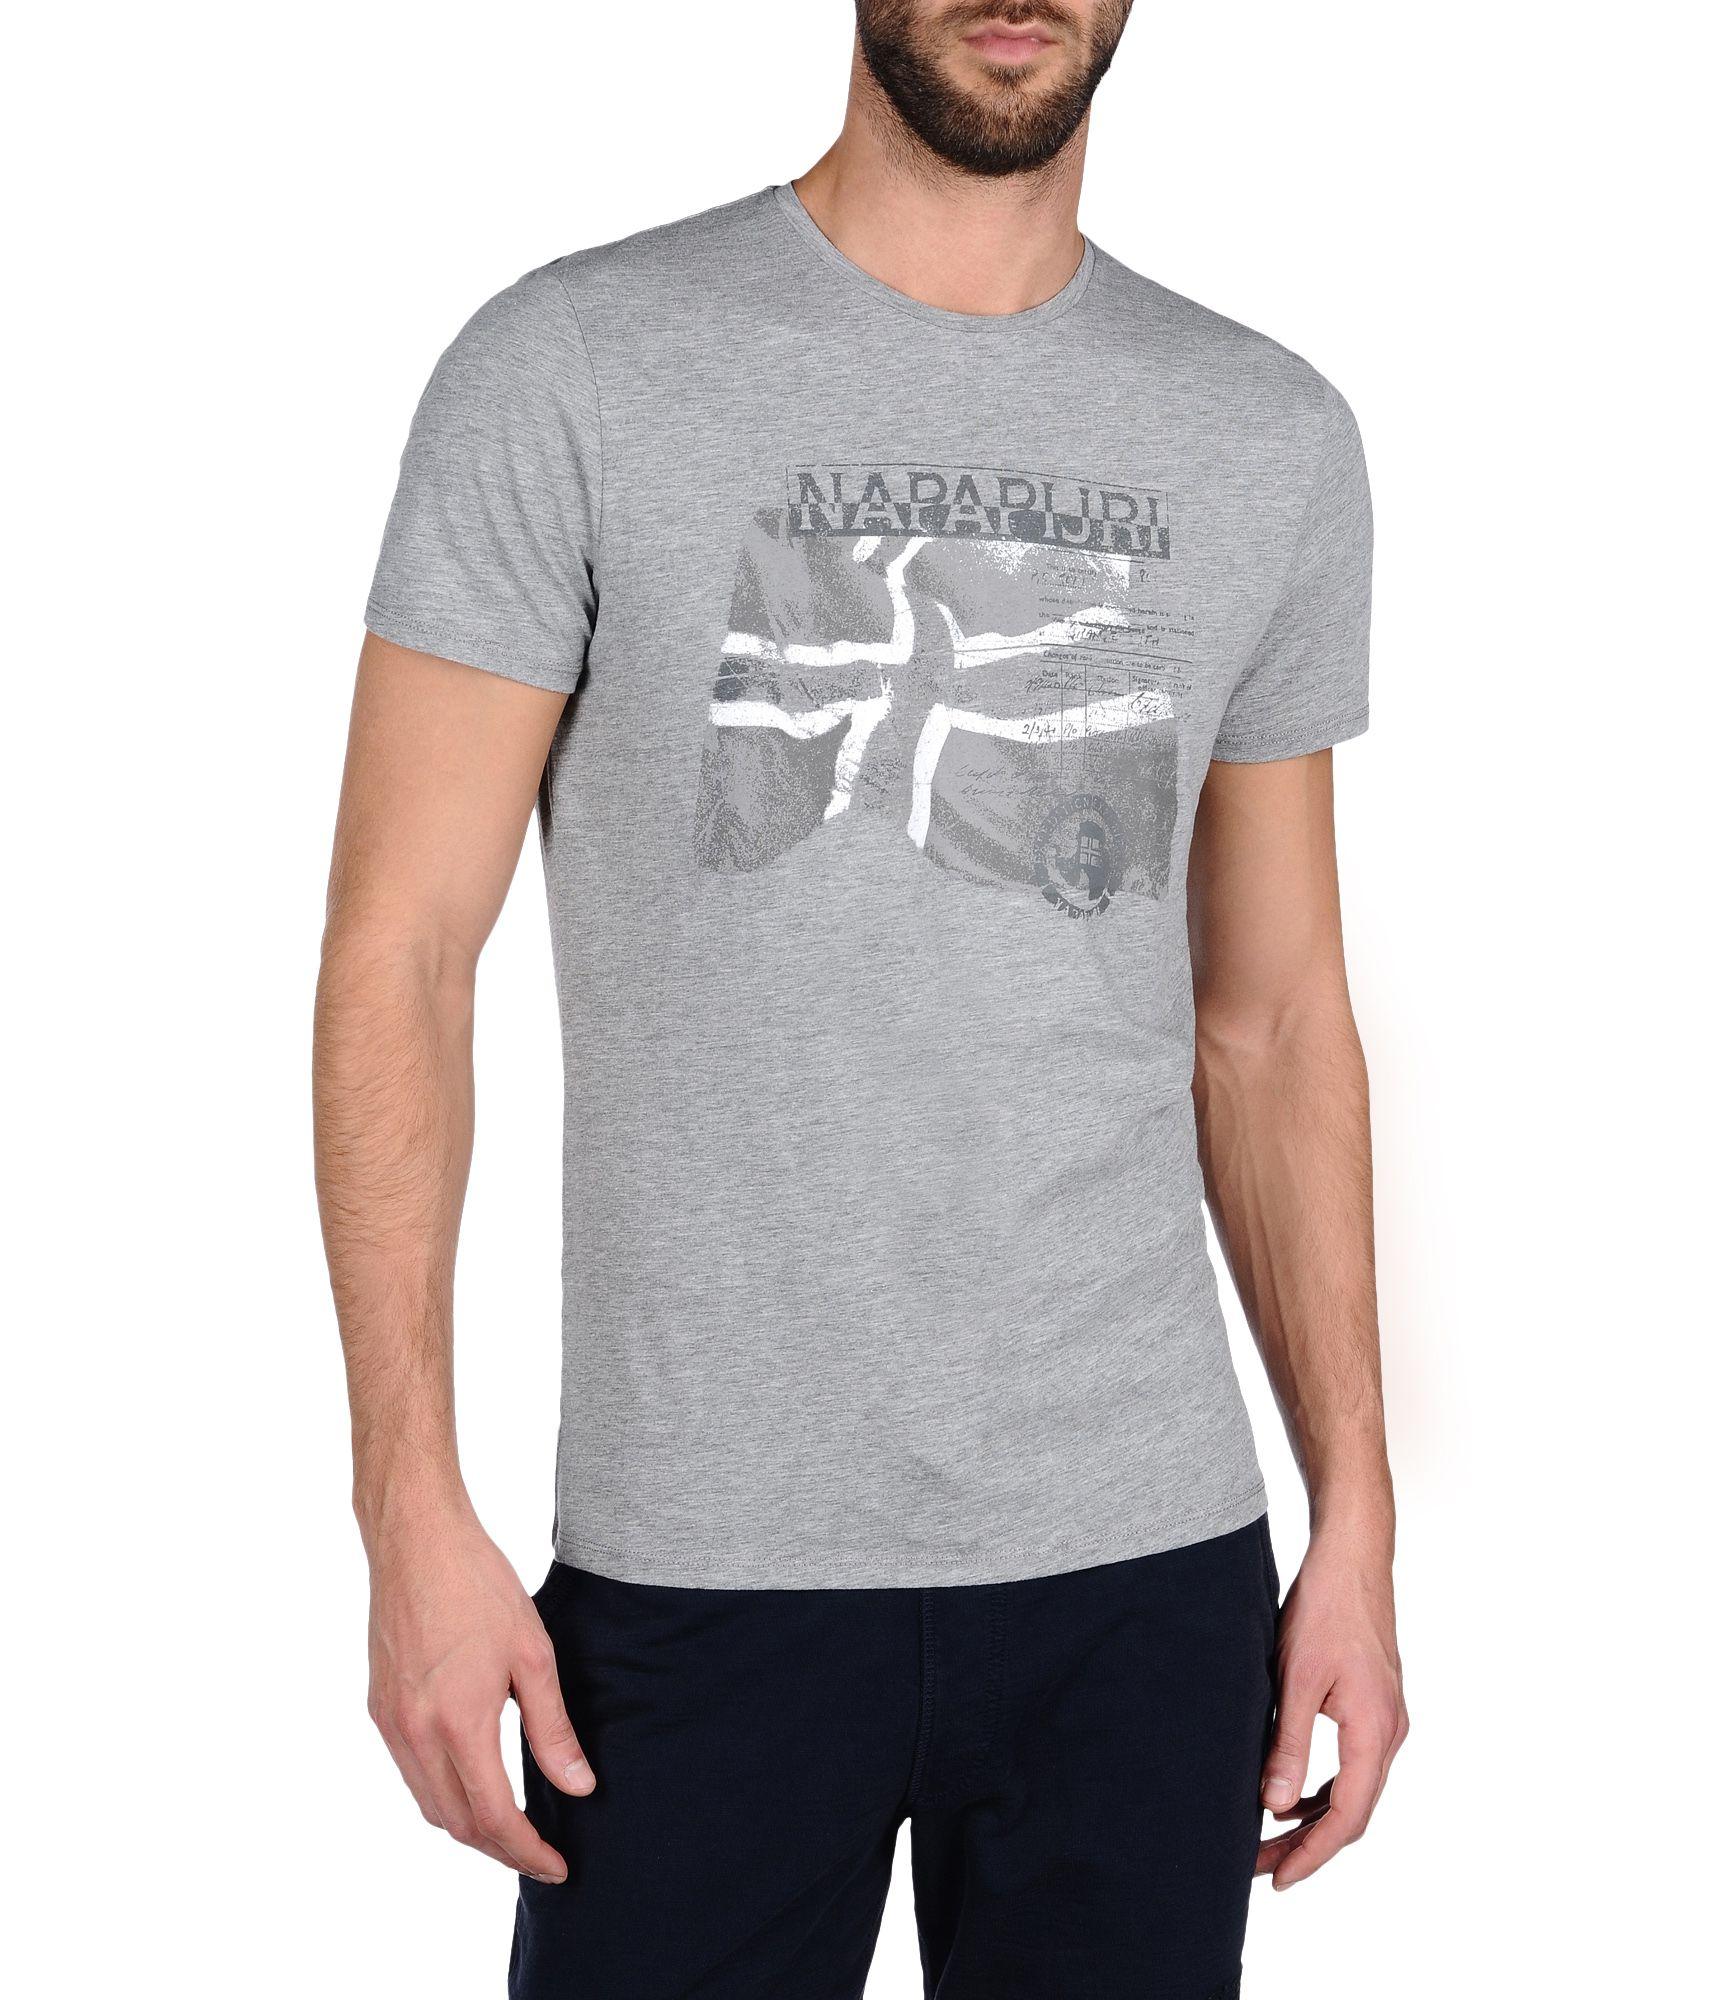 Artikel klicken und genauer betrachten! - Rundhals-T-Shirt mit kurzen Ärmeln Grafikelemente | im Online Shop kaufen